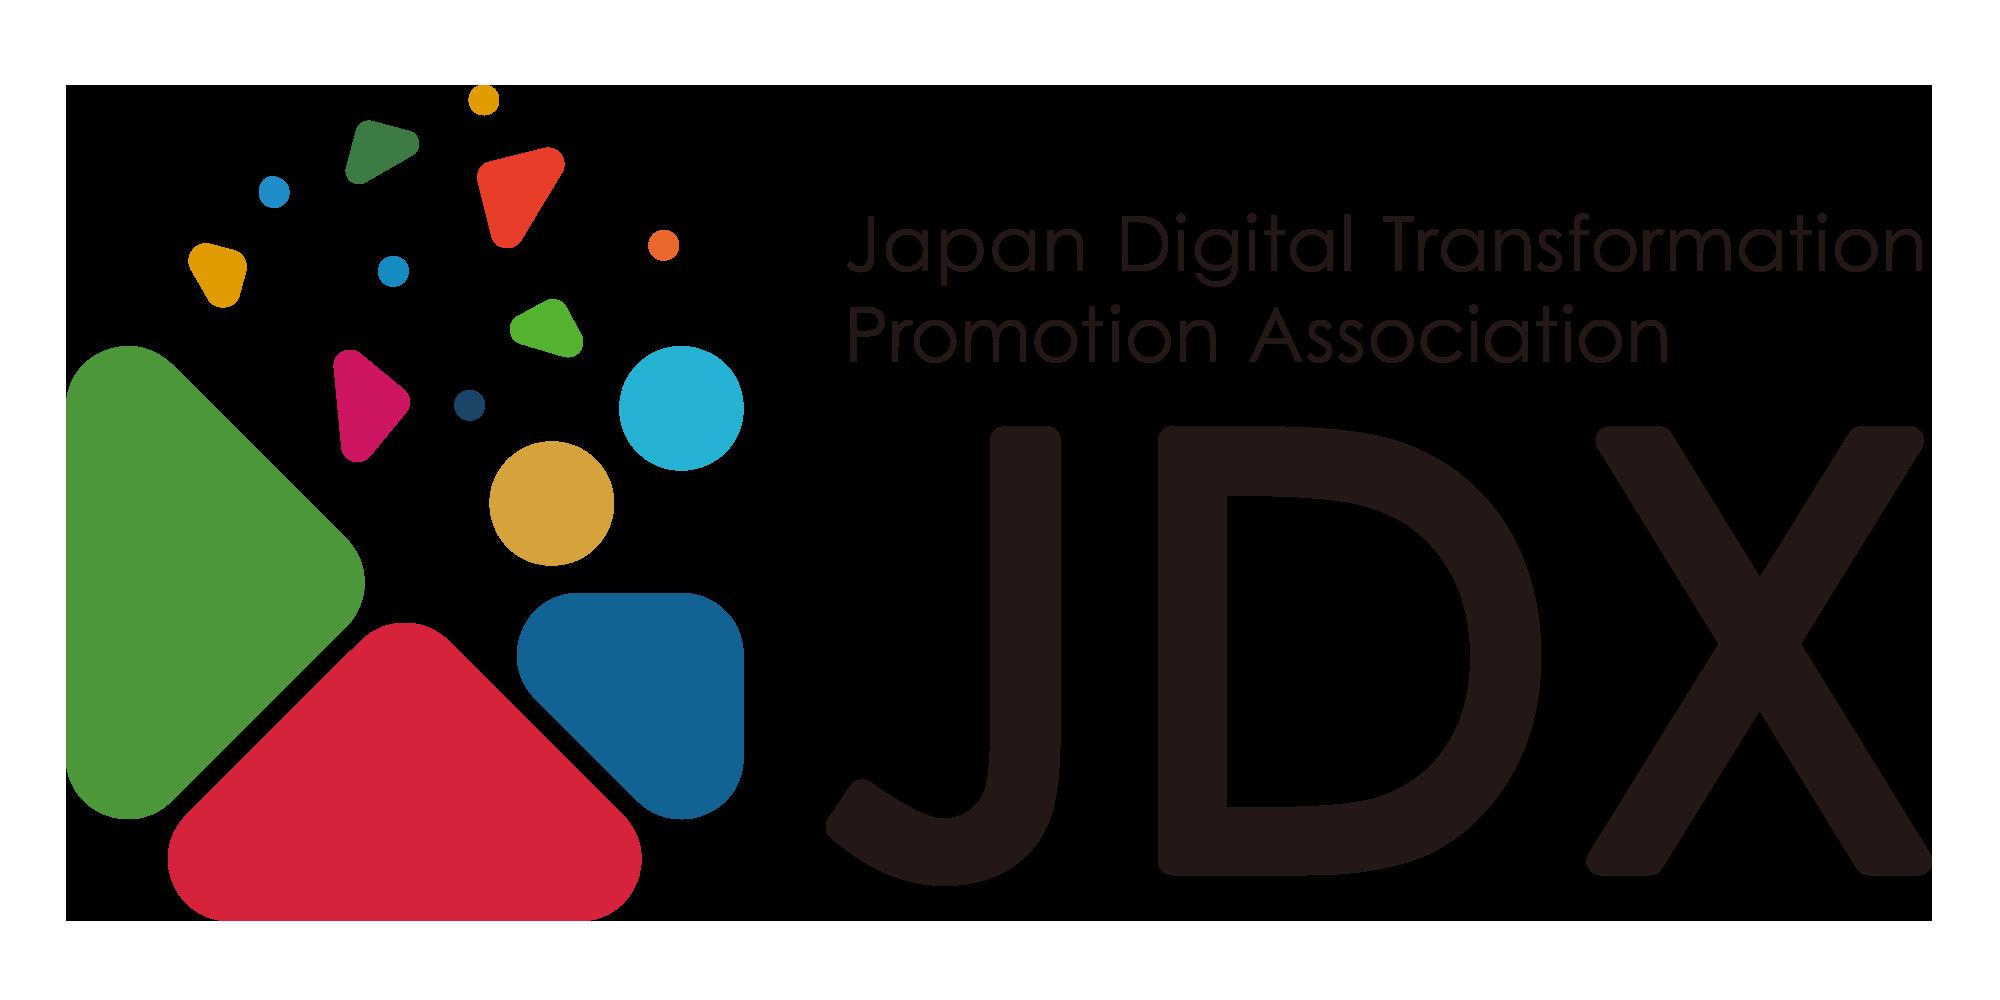 一般社団法人日本デジタルトランスフォーメーション推進協会のロゴ